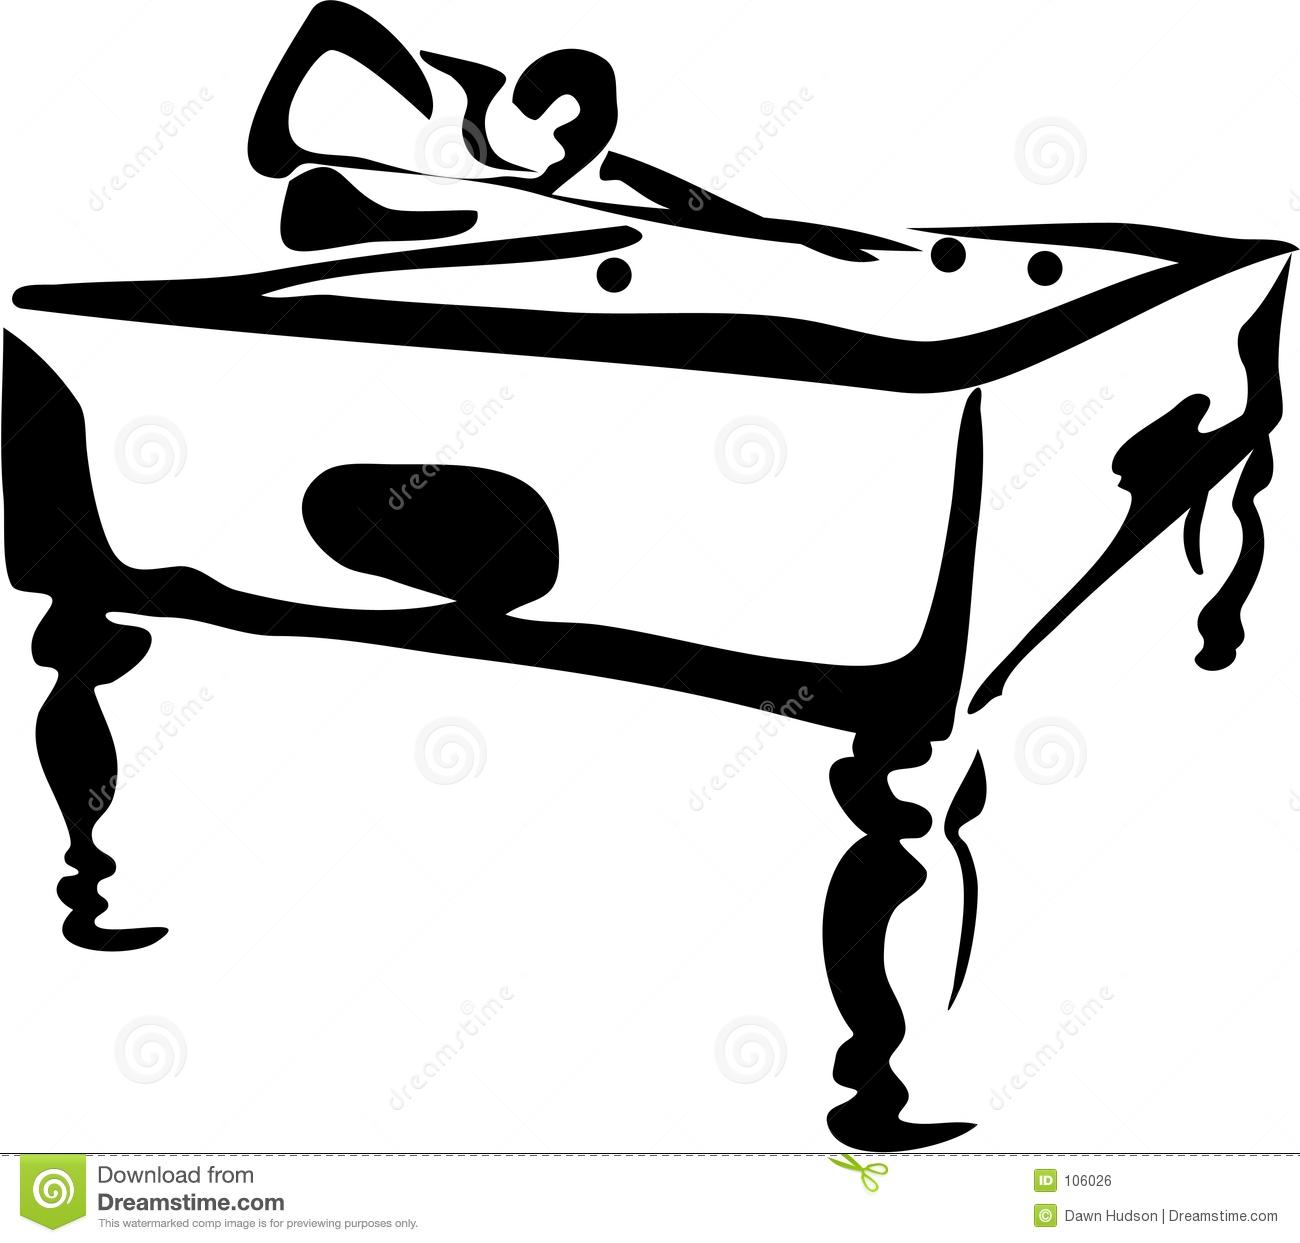 Billiards clipart black and white, Billiards black and white.